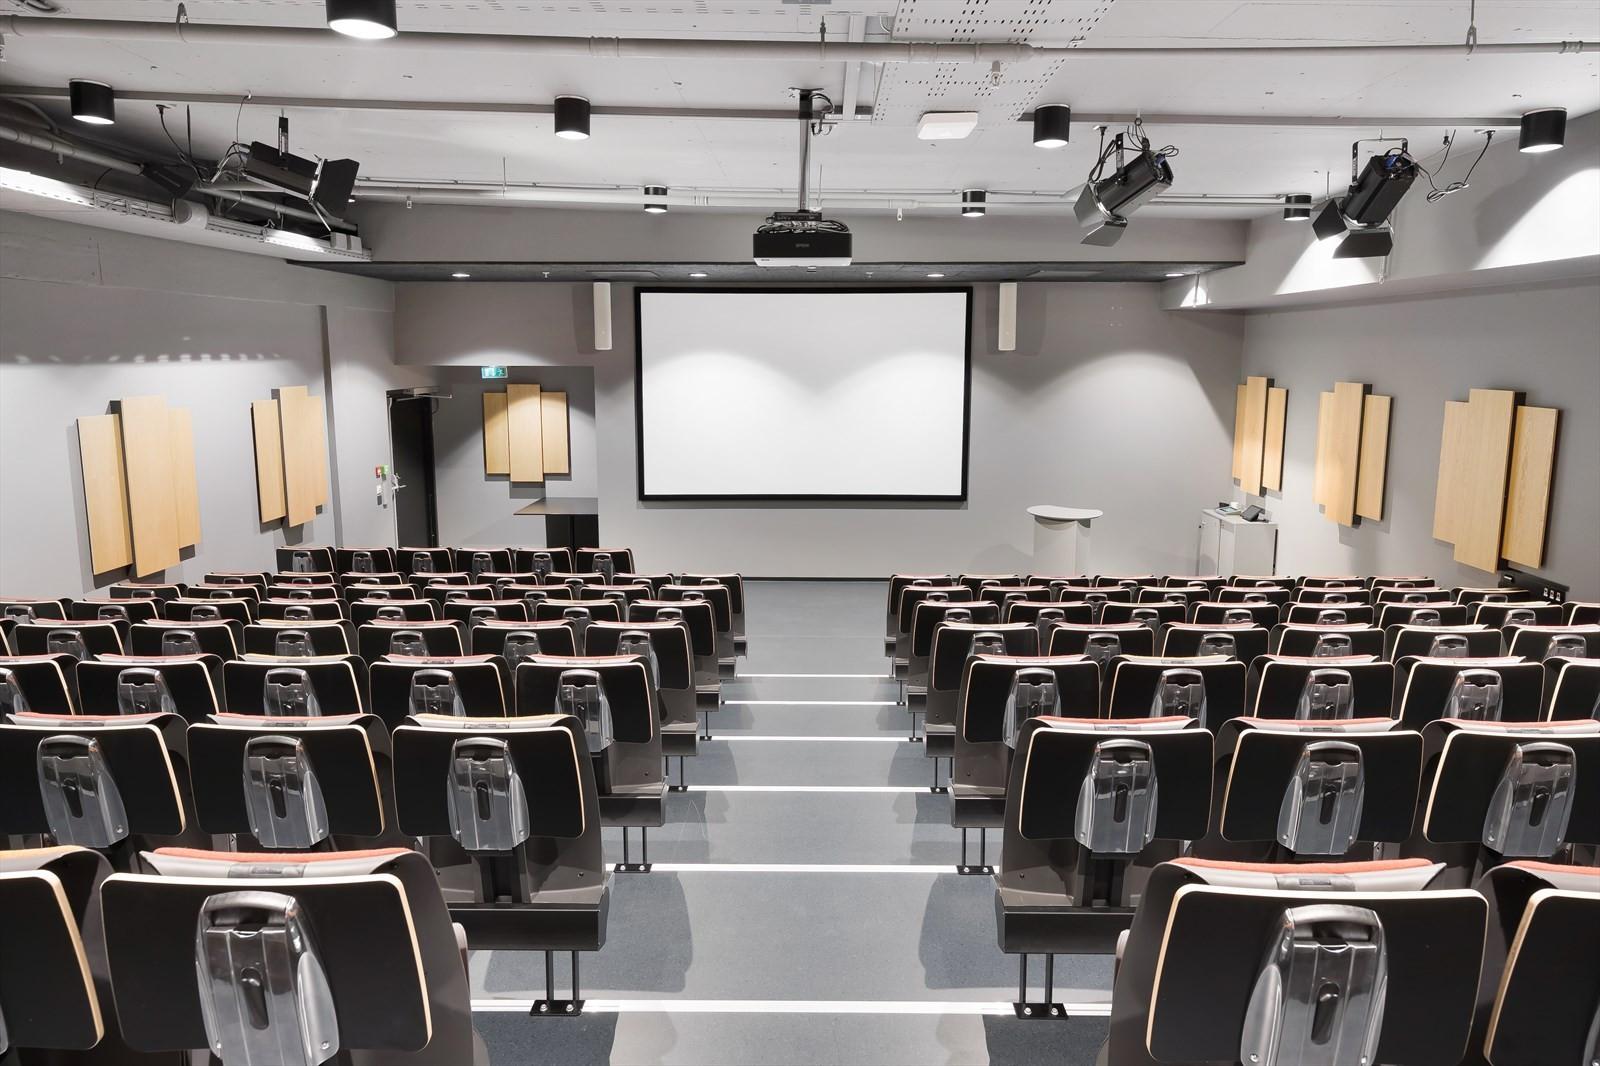 Topp moderne auditorium, inkludert i leien